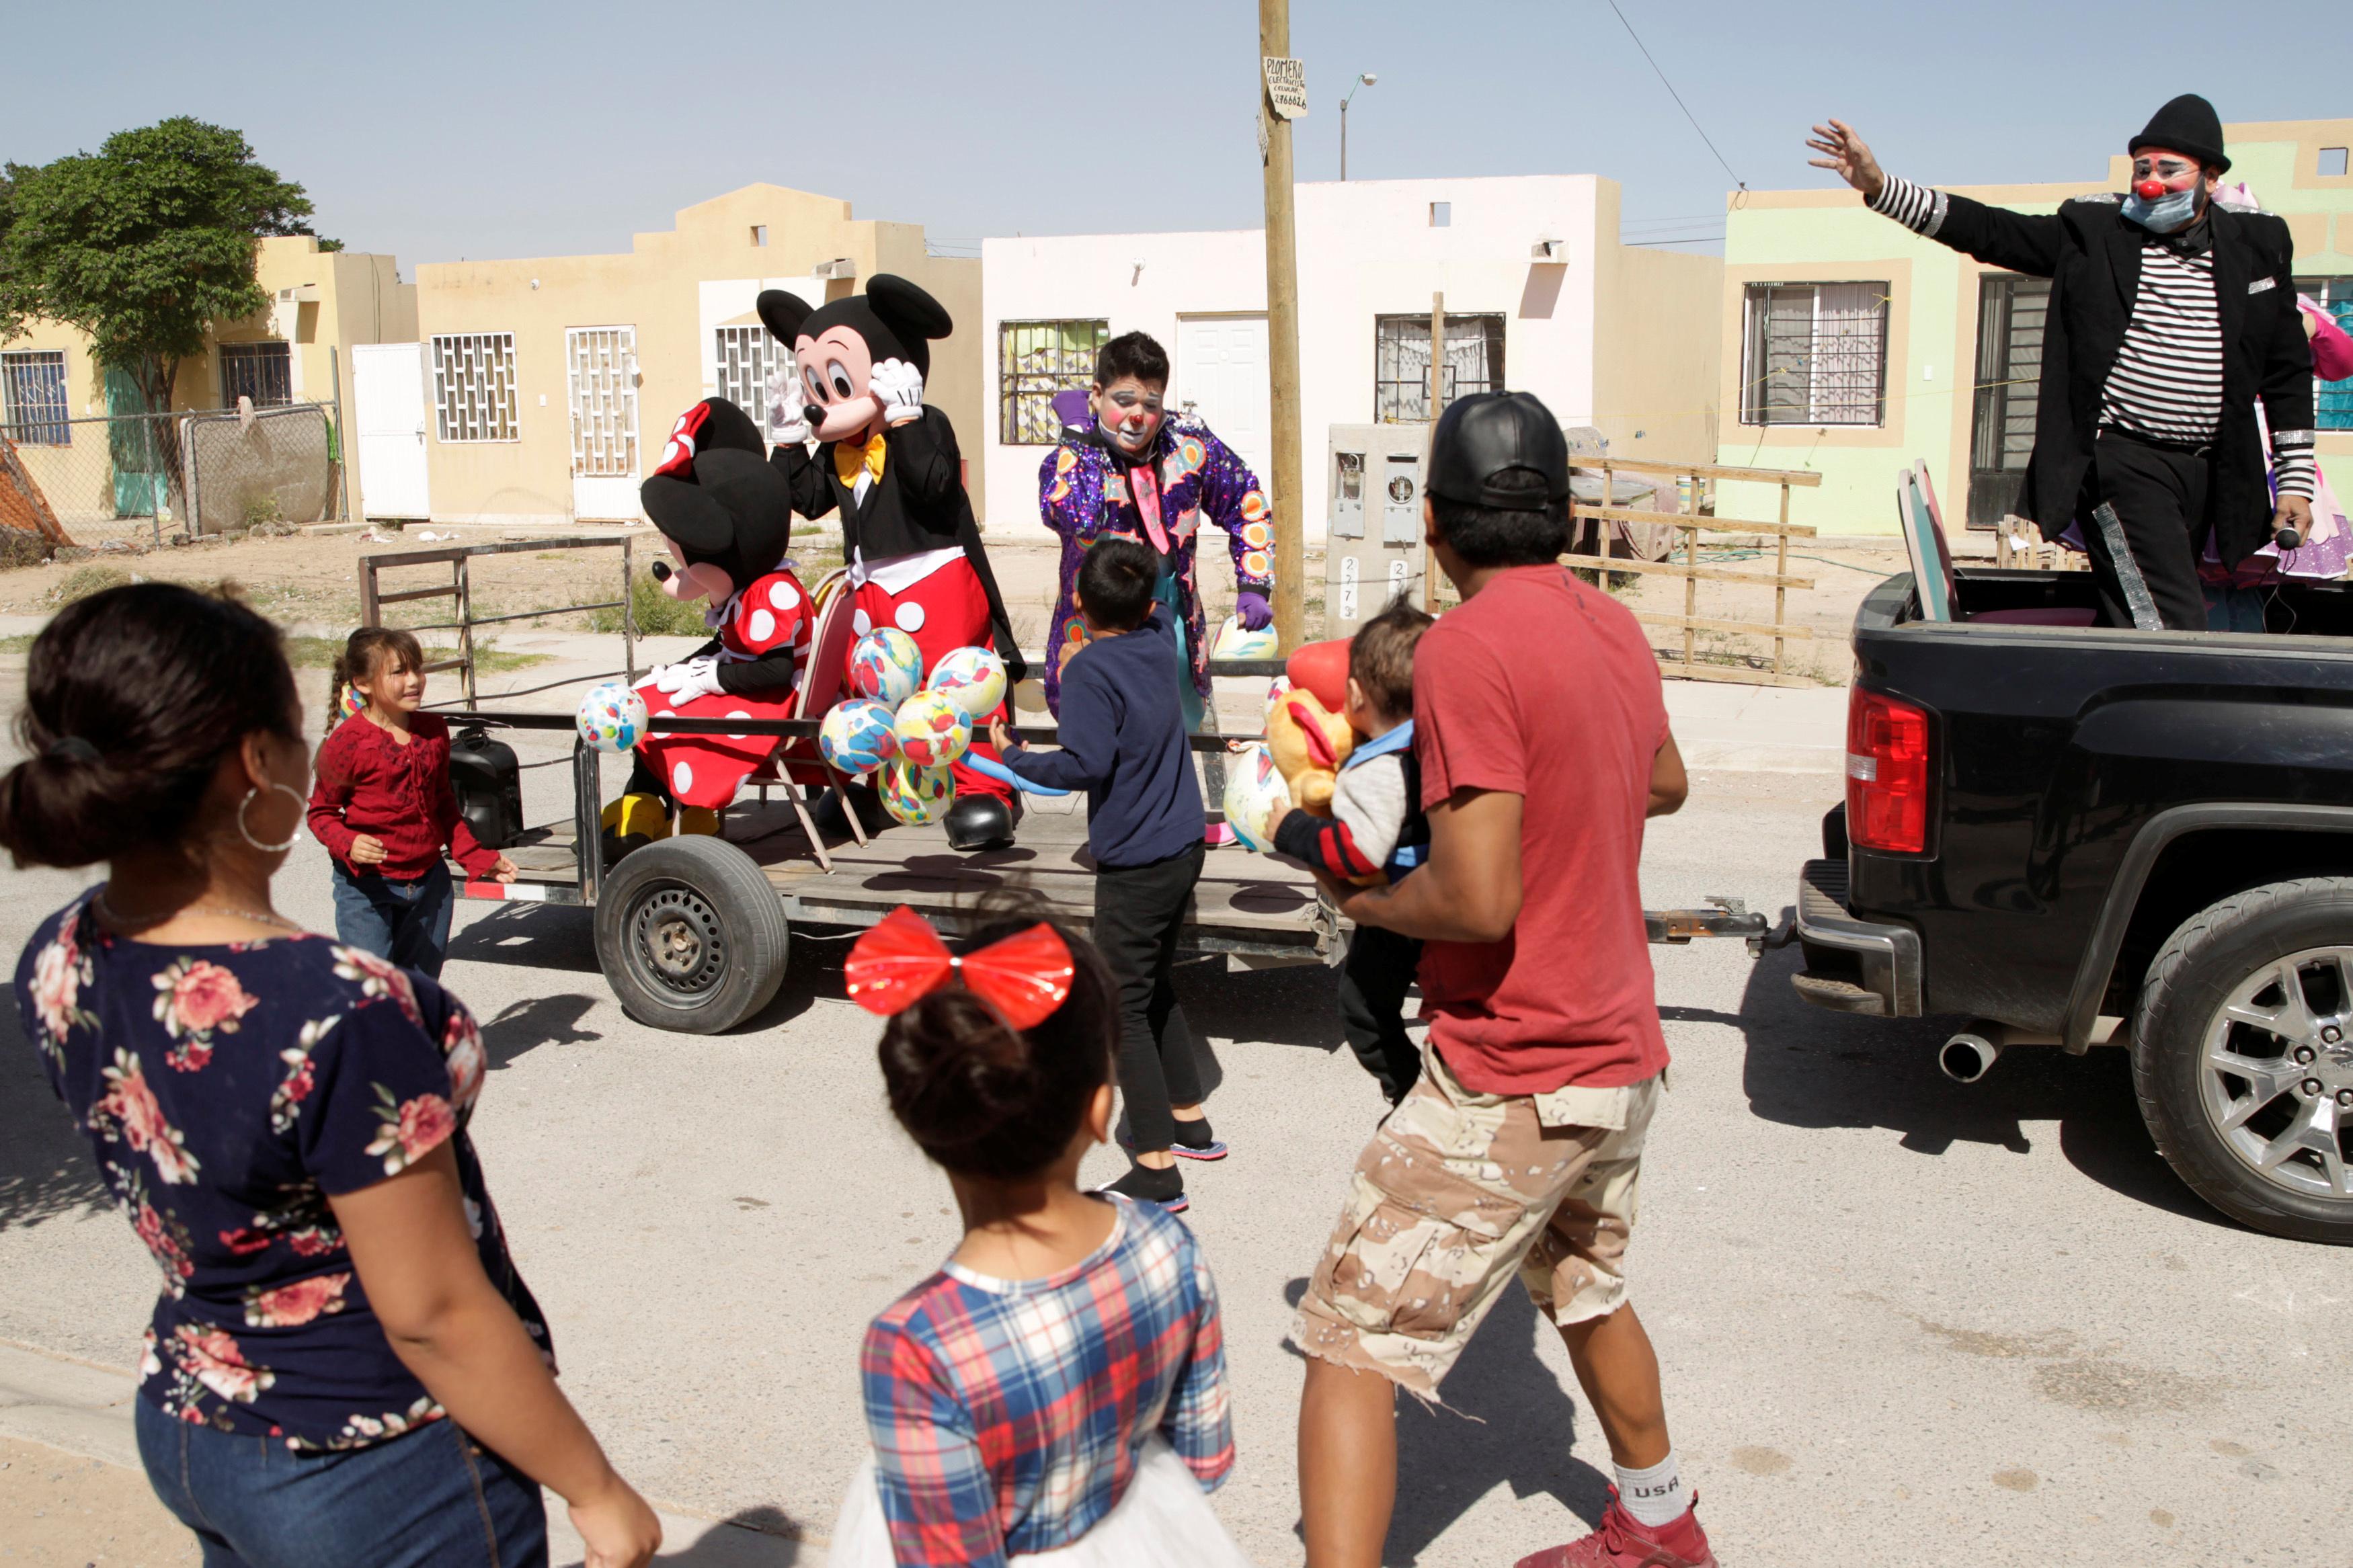 MÉXICO - En Ciudad Juarez un grupo de ciudadanos se disfrazaron para entretener a los más chicos durante la cuarentena que rige en esa nación y en este Domingo de Pascuas